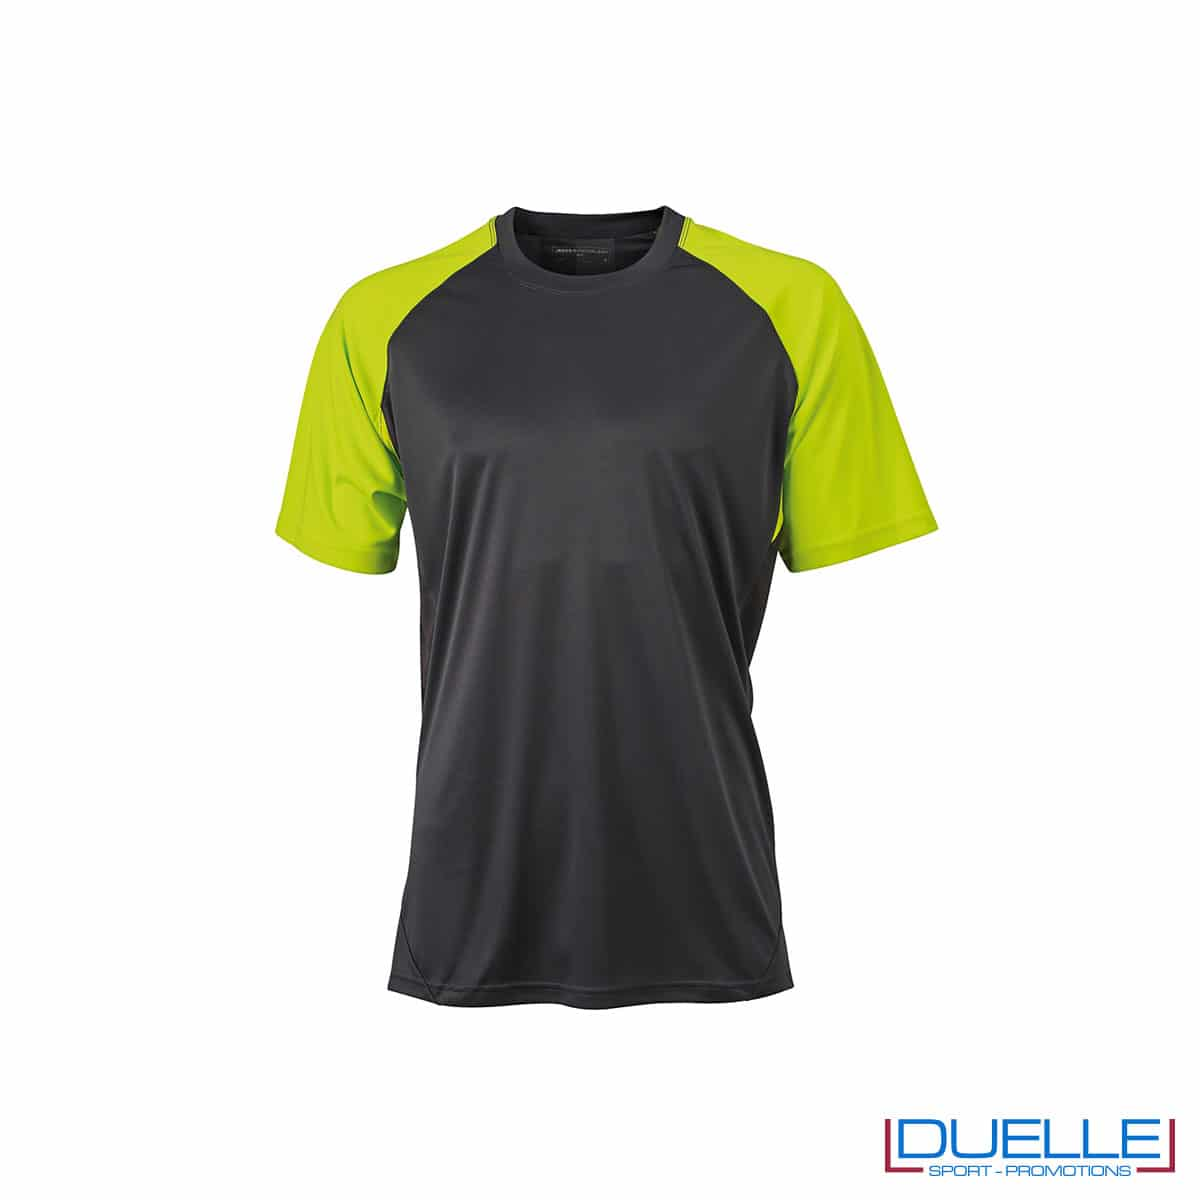 Maglietta calcio personalizzabile colore antracite-giallo